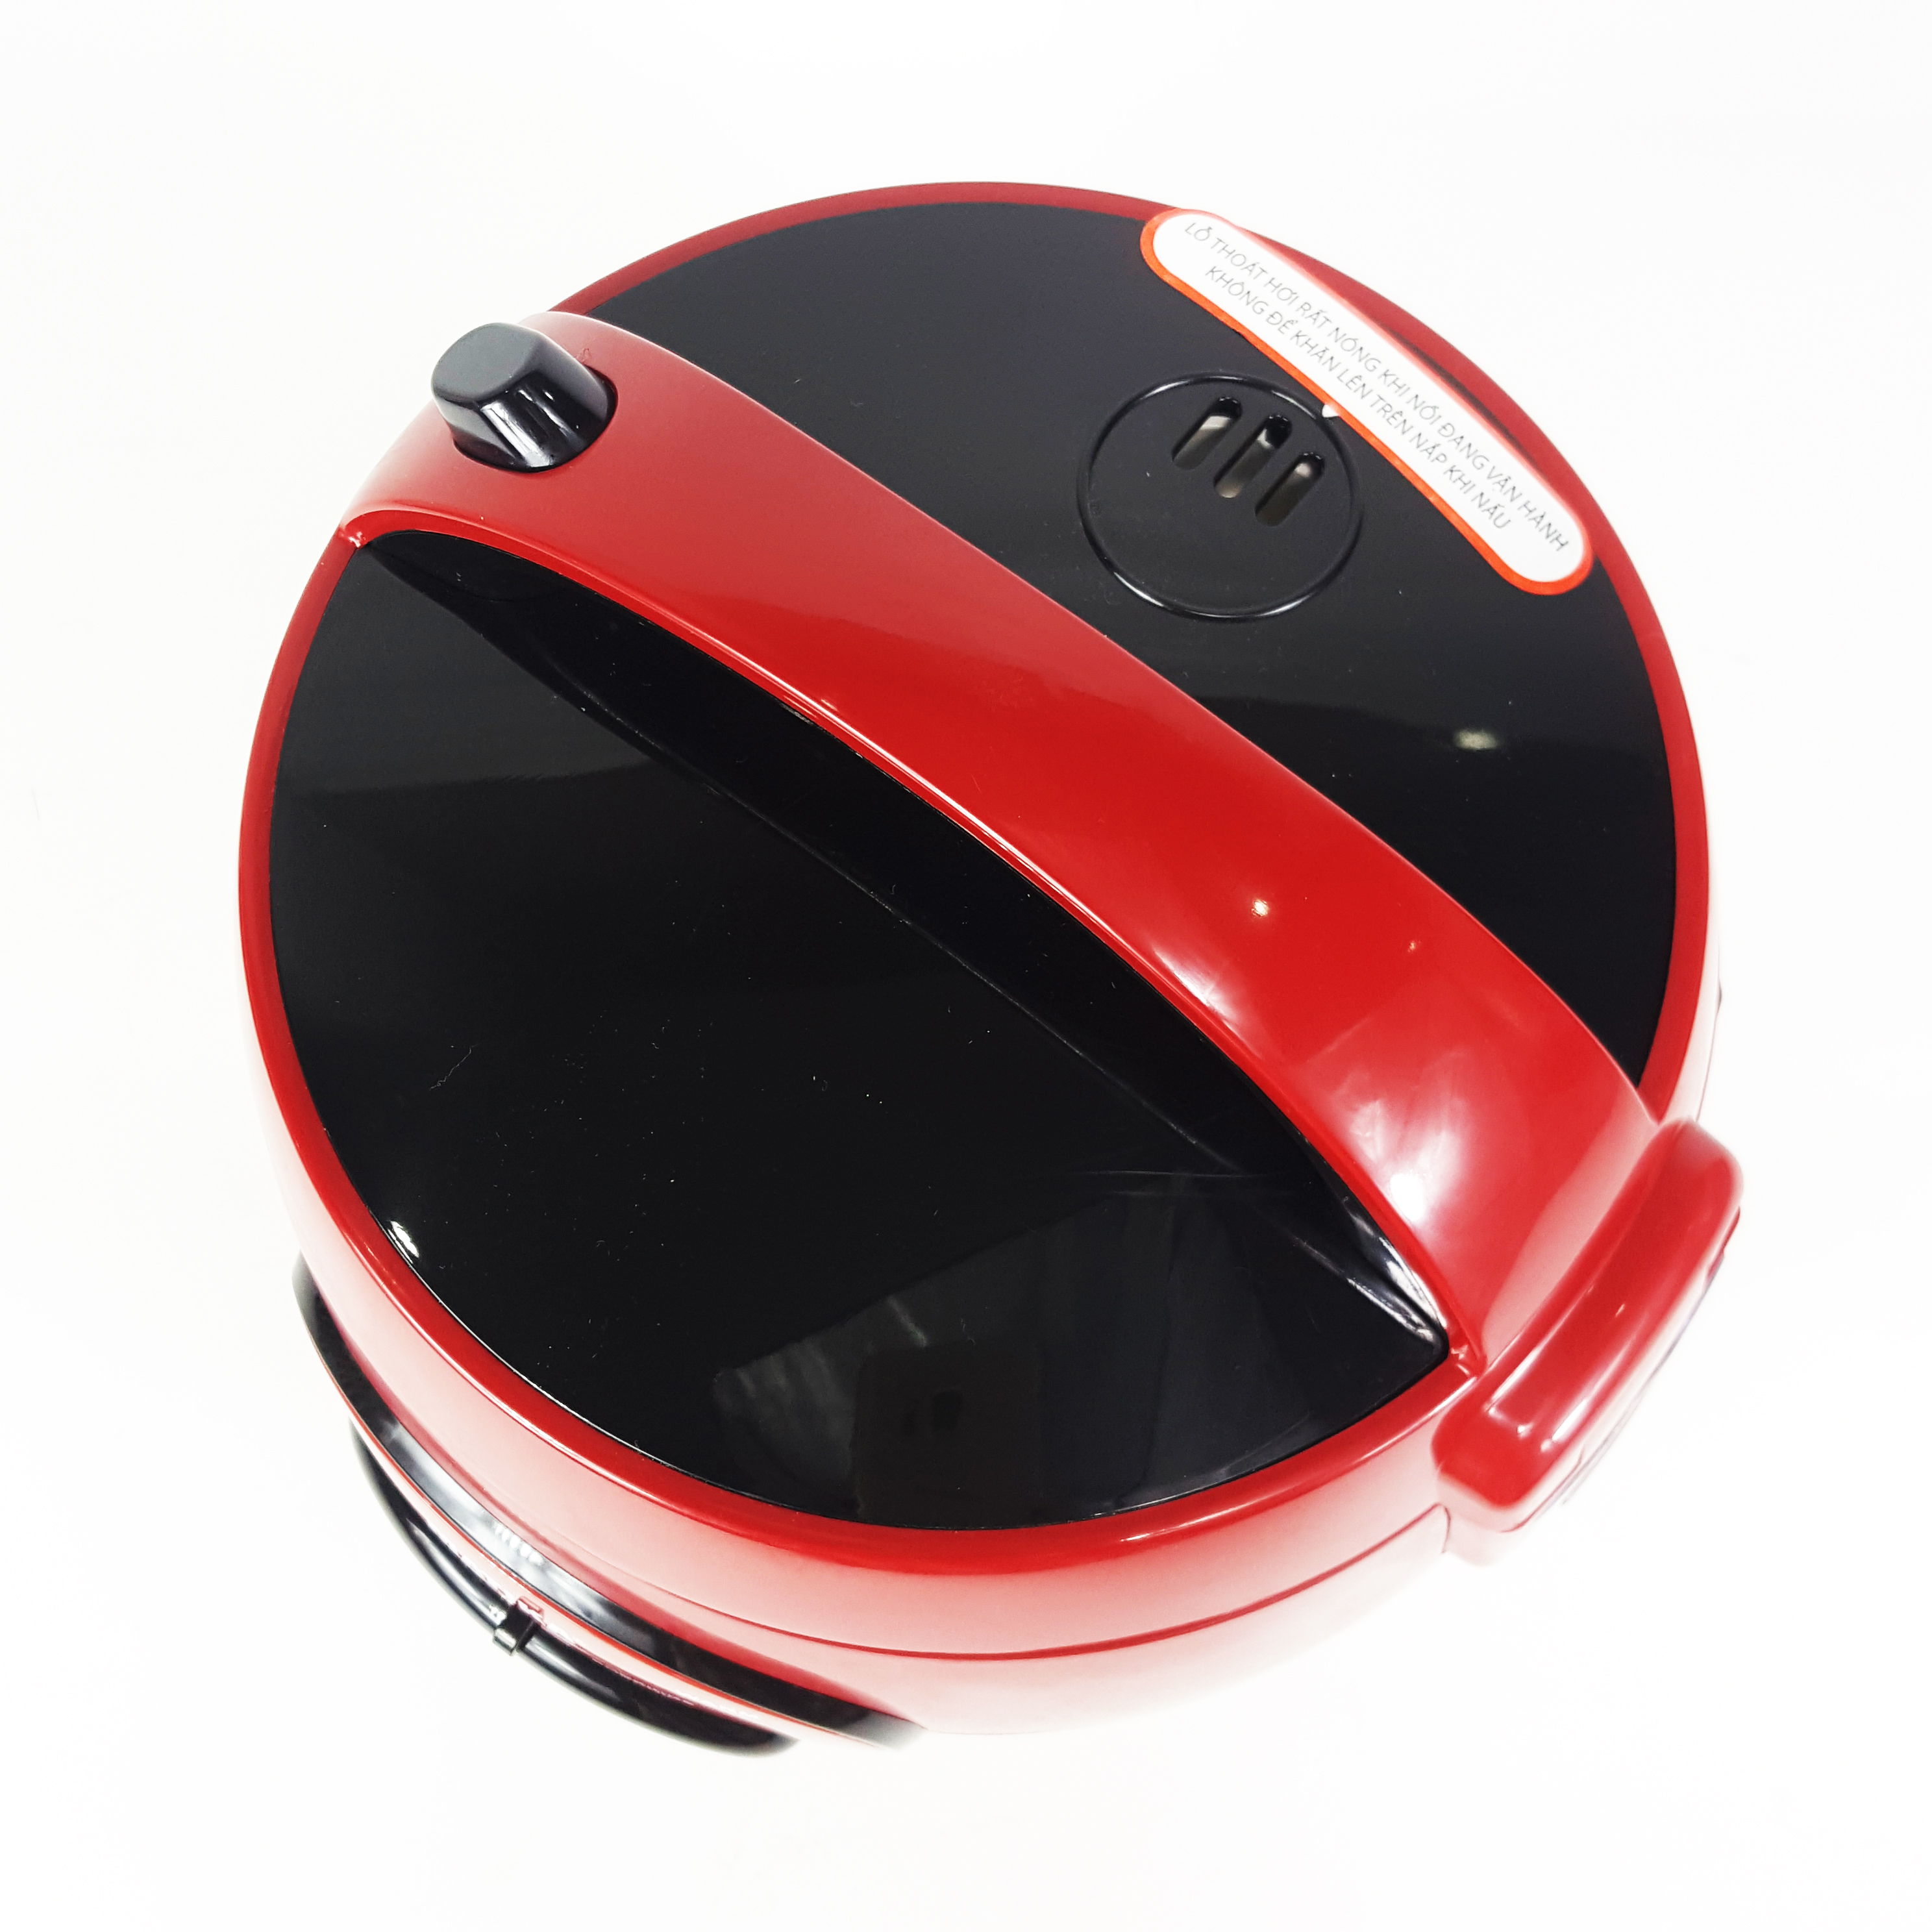 Nồi cơm điện Matika MTK-RC0812 (0.8L) sắc đỏ nổi bật, nấu cơm cực đỉnh (Hàng chính hãng)